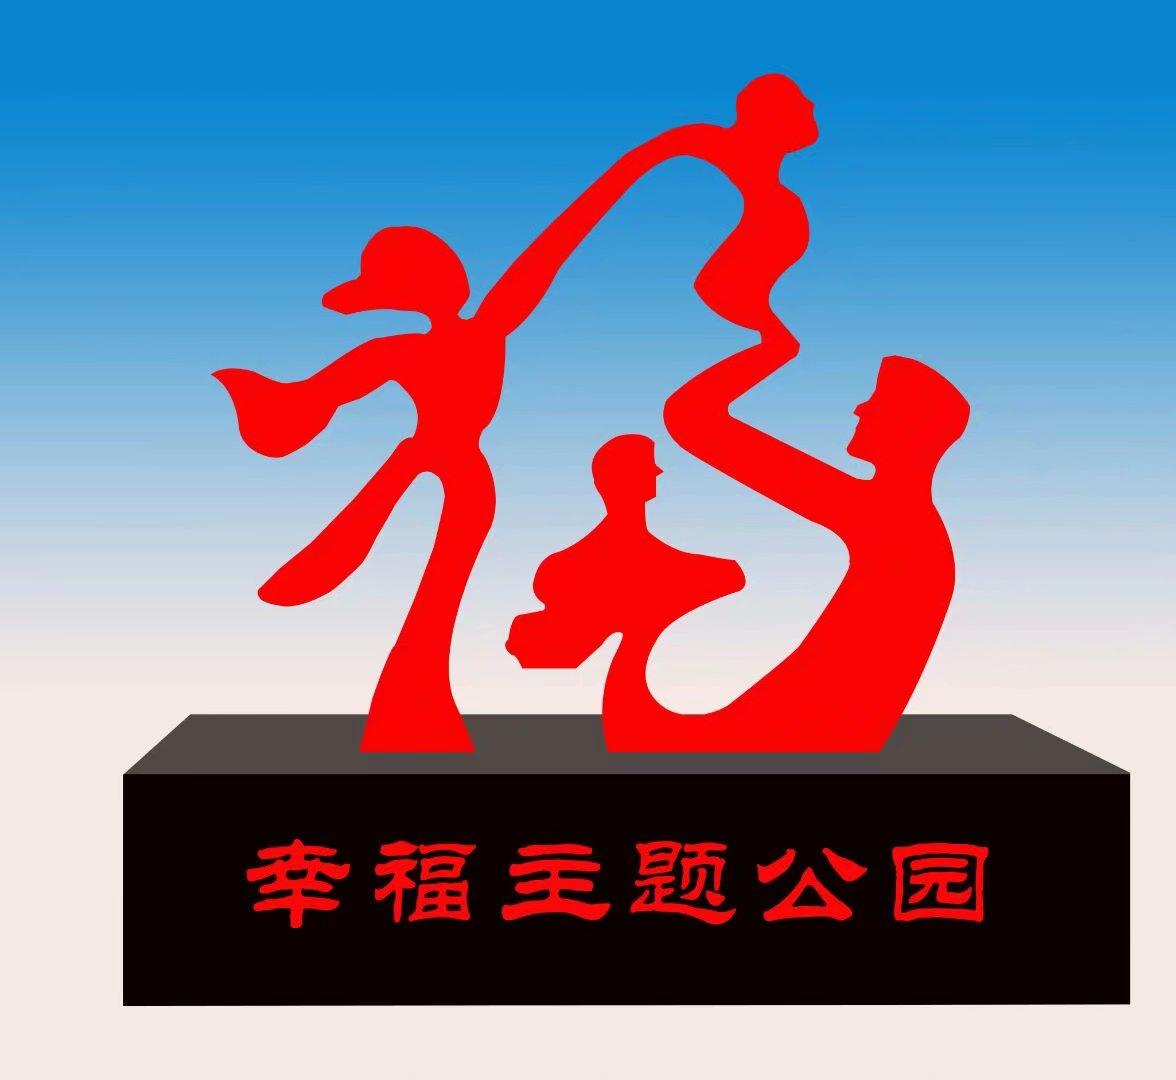 抽象立体字雕塑厂家-户外汉字雕塑厂家-公园文字雕塑厂家